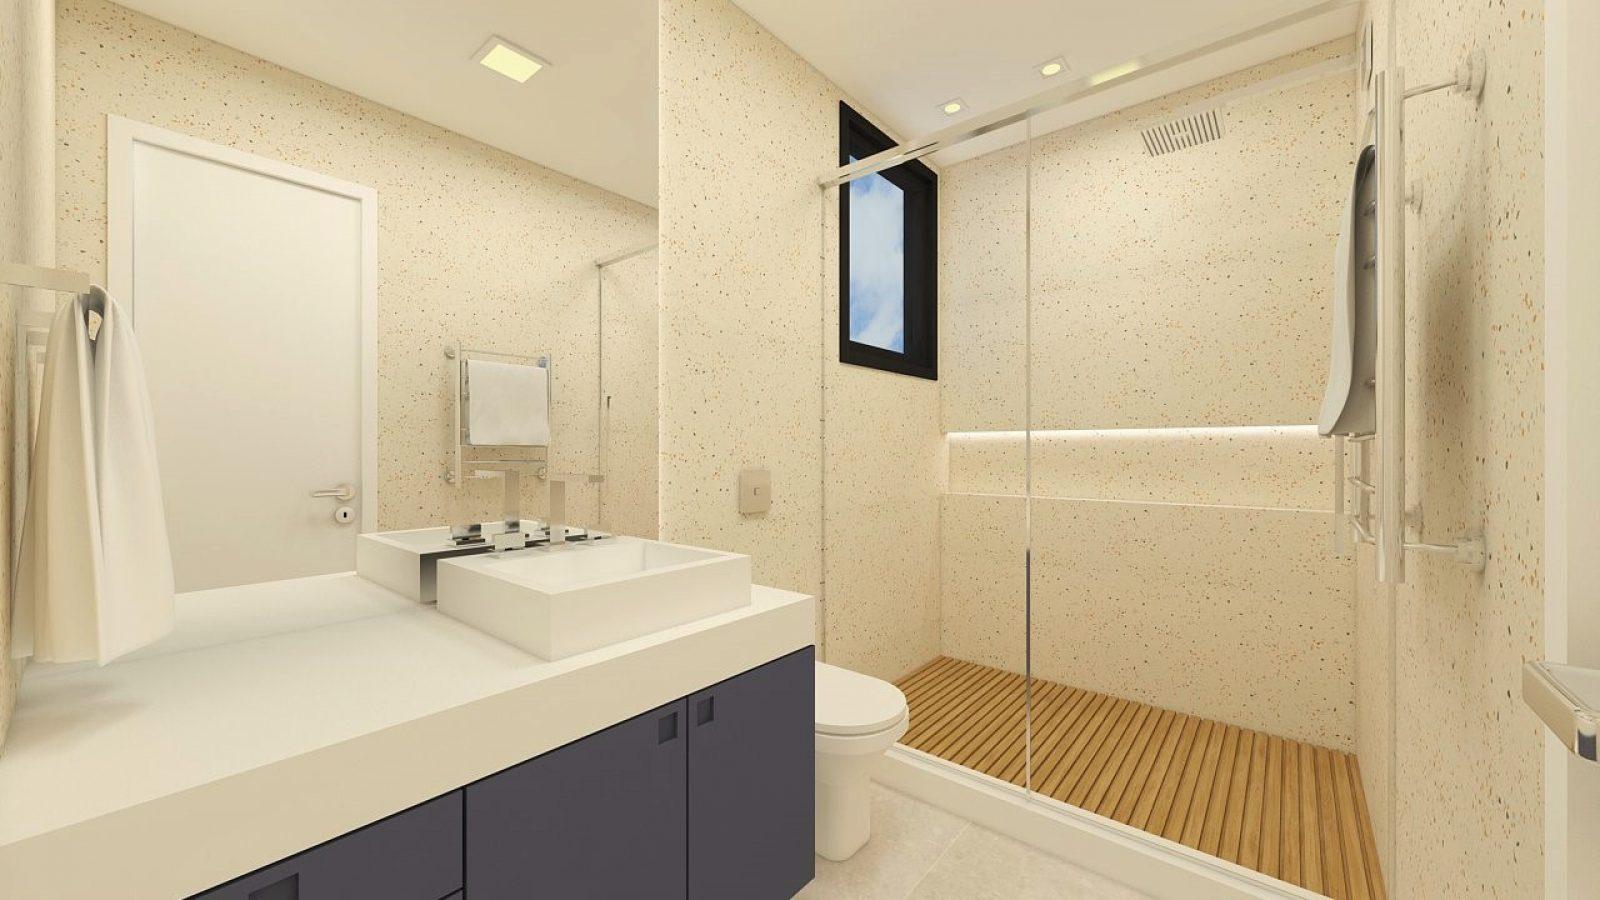 Banheiro com pia, área do chuveiro e janelas. Porta branca.